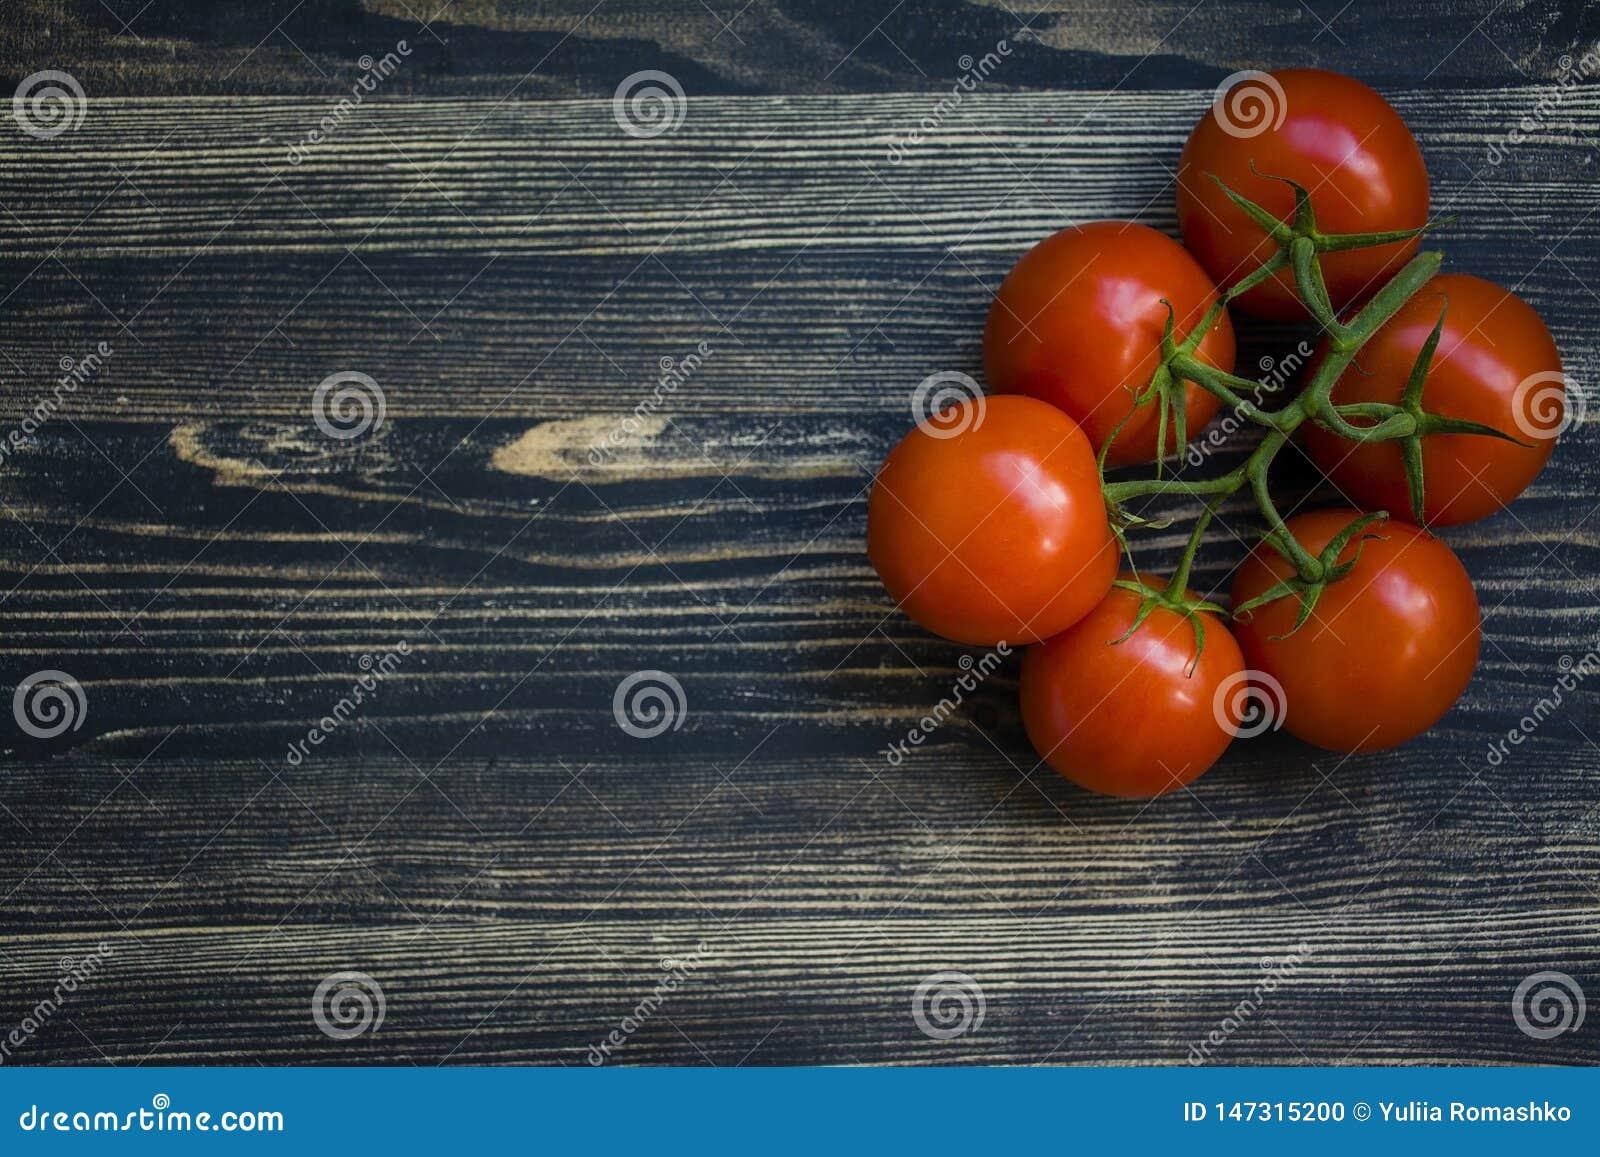 Een tak van verse rode tomaten op een zwarte achtergrond